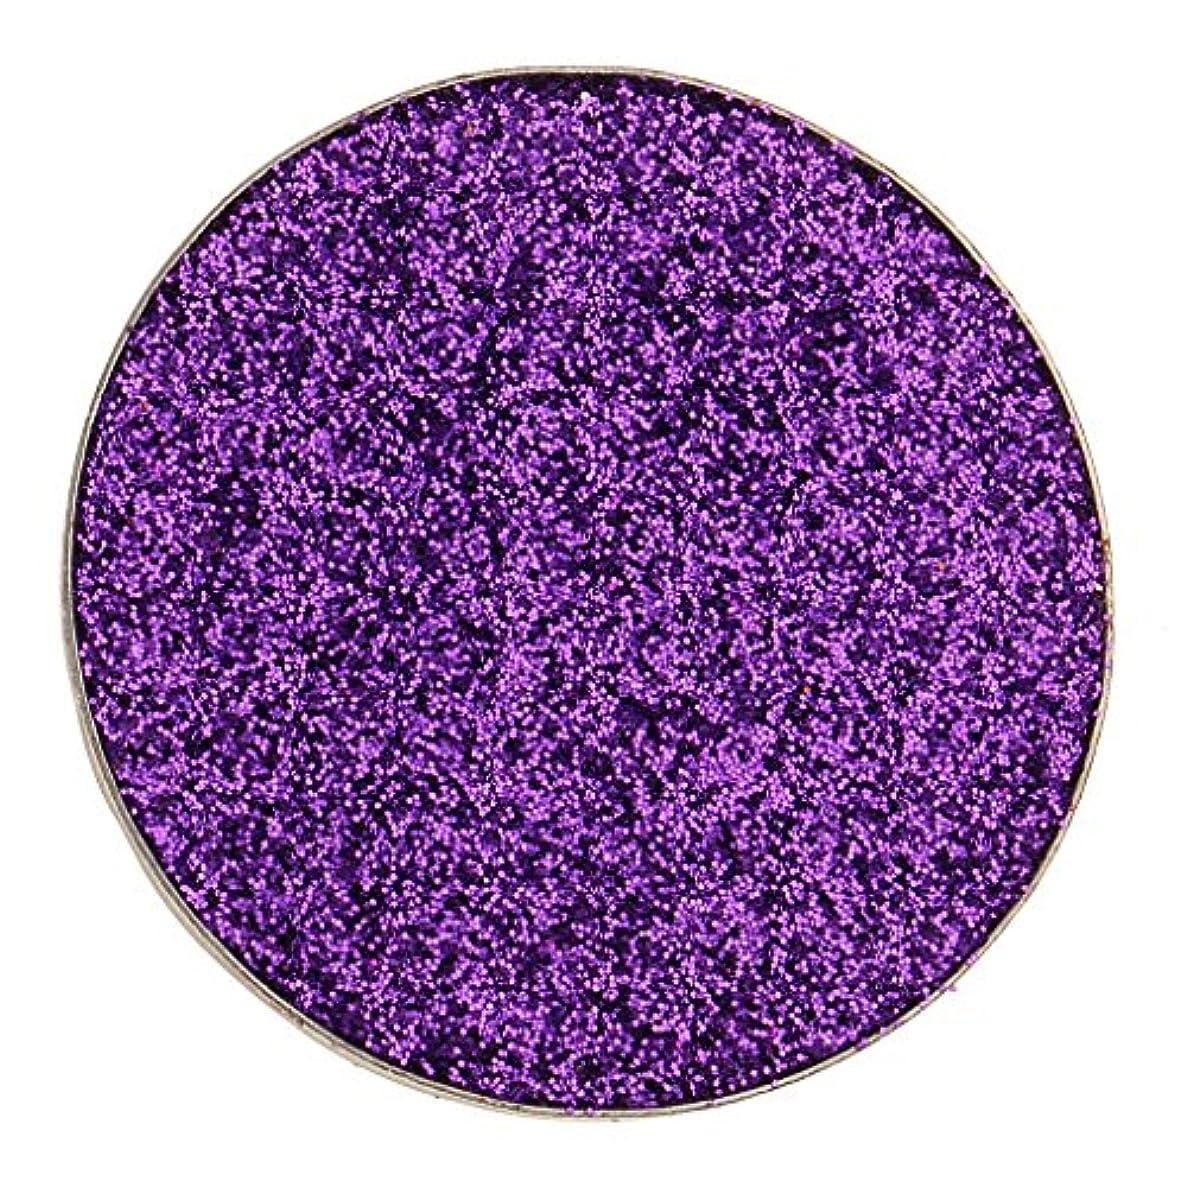 盟主ハイランド中止しますToygogo スパークリングダイヤモンドキラキラシマーコスメティックメイクアッププレスドパウダーアイシャドウピグメントスモーキーパーティーアイシャドウパレット5色緑赤紫シルバーマルチ - 紫